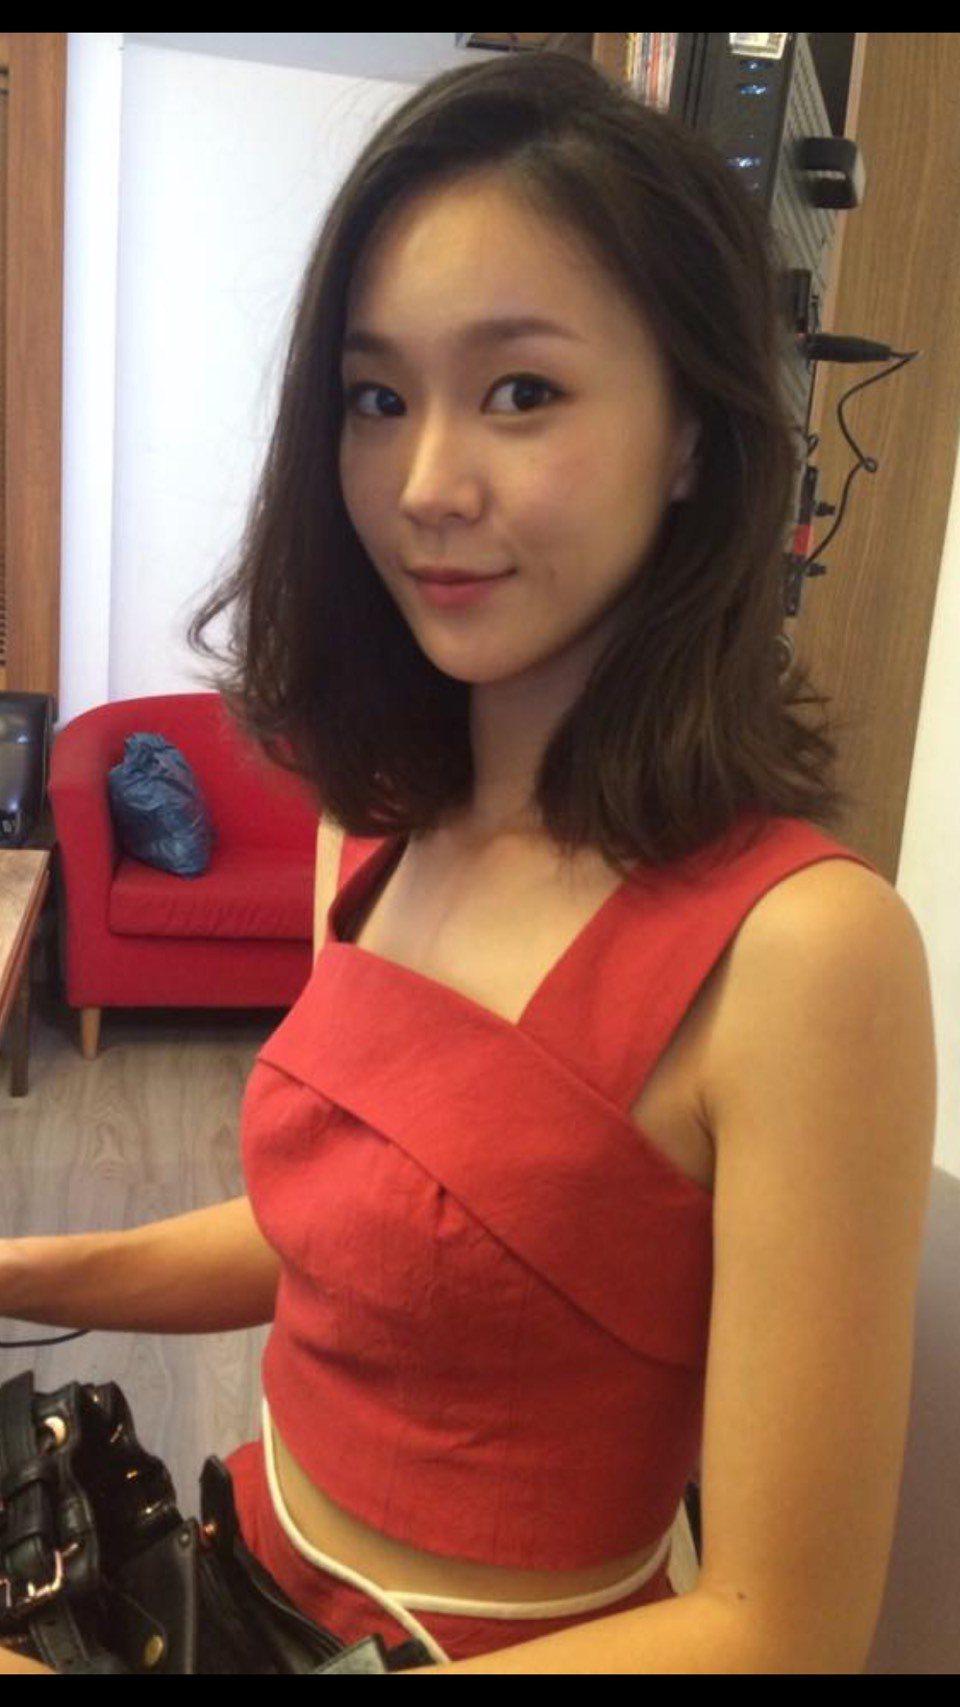 鍾瑤外表清新、氣質出眾。圖/摘自鍾瑤臉書